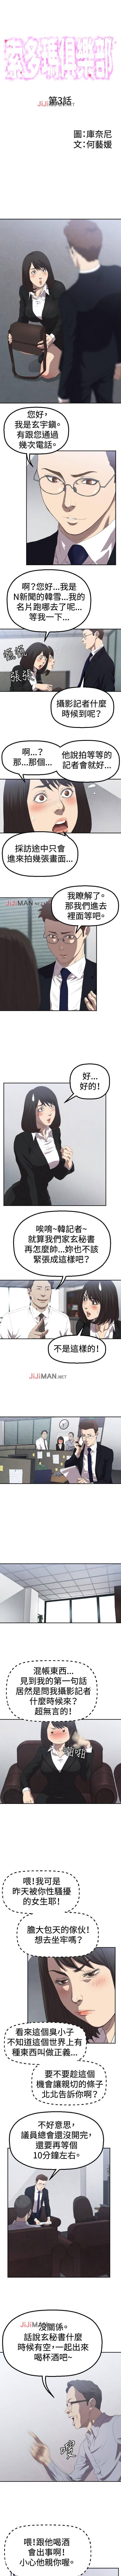 【已完结】索多玛俱乐部(作者:何藝媛&庫奈尼) 第1~32话 10